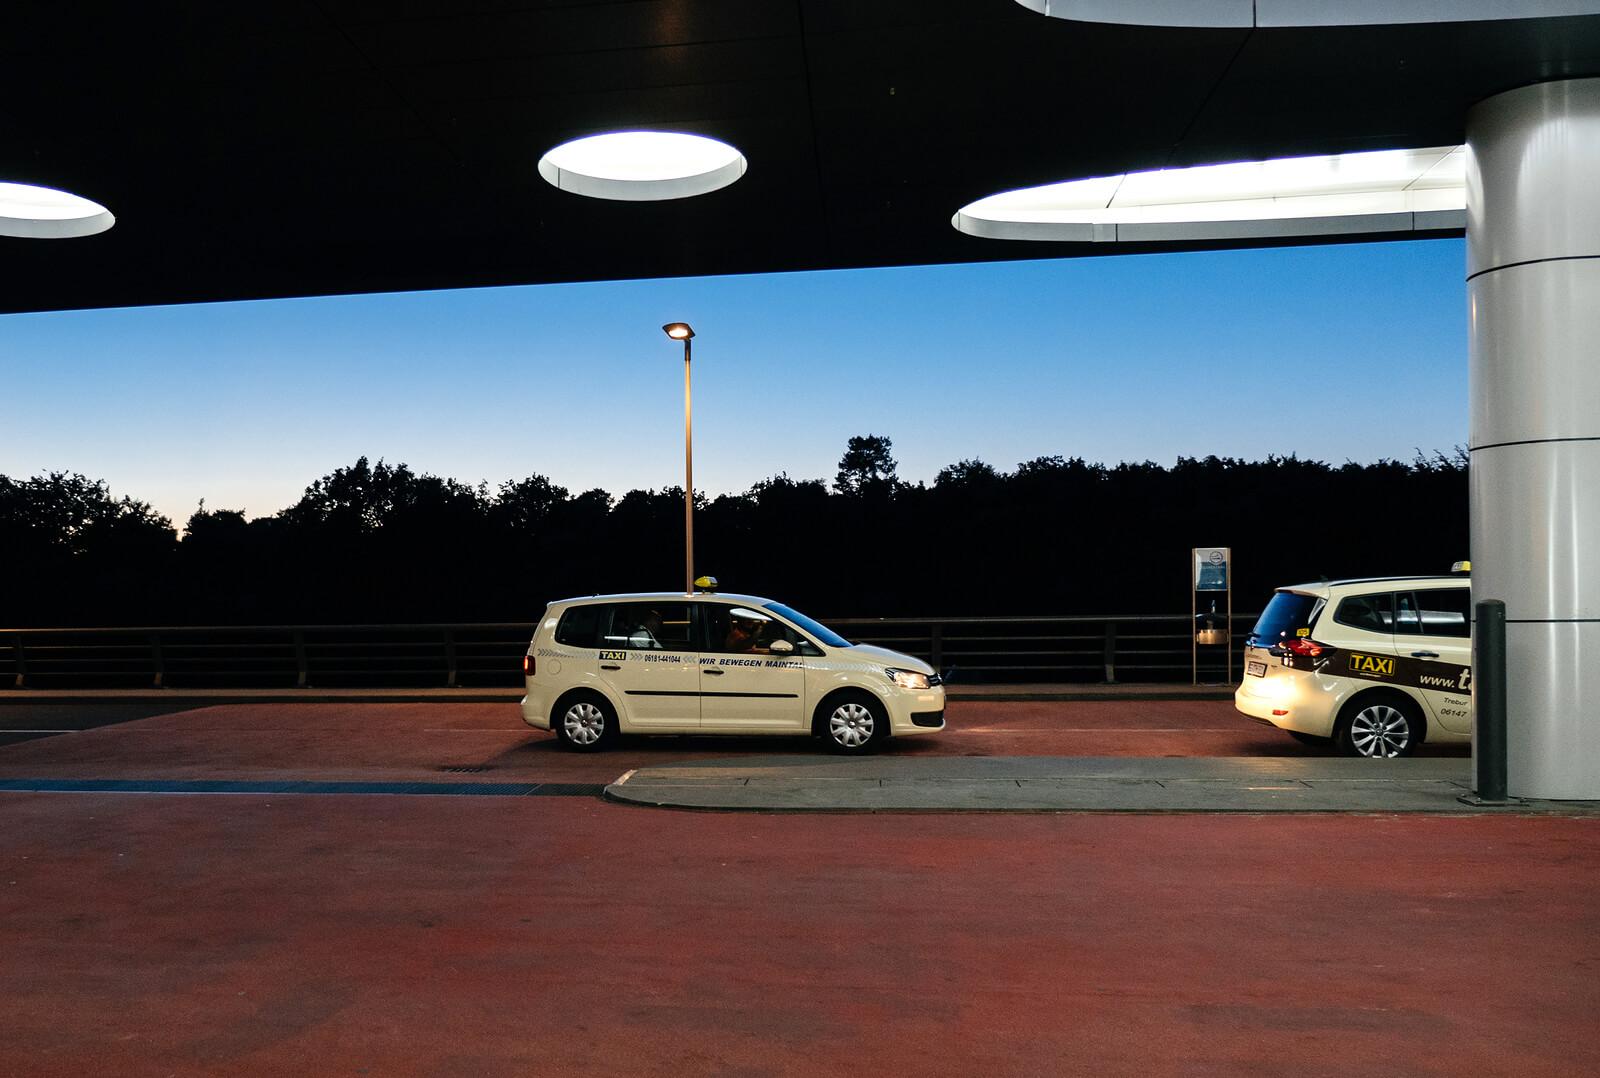 Strahlen und Chemotherapie Taxi Koblenz